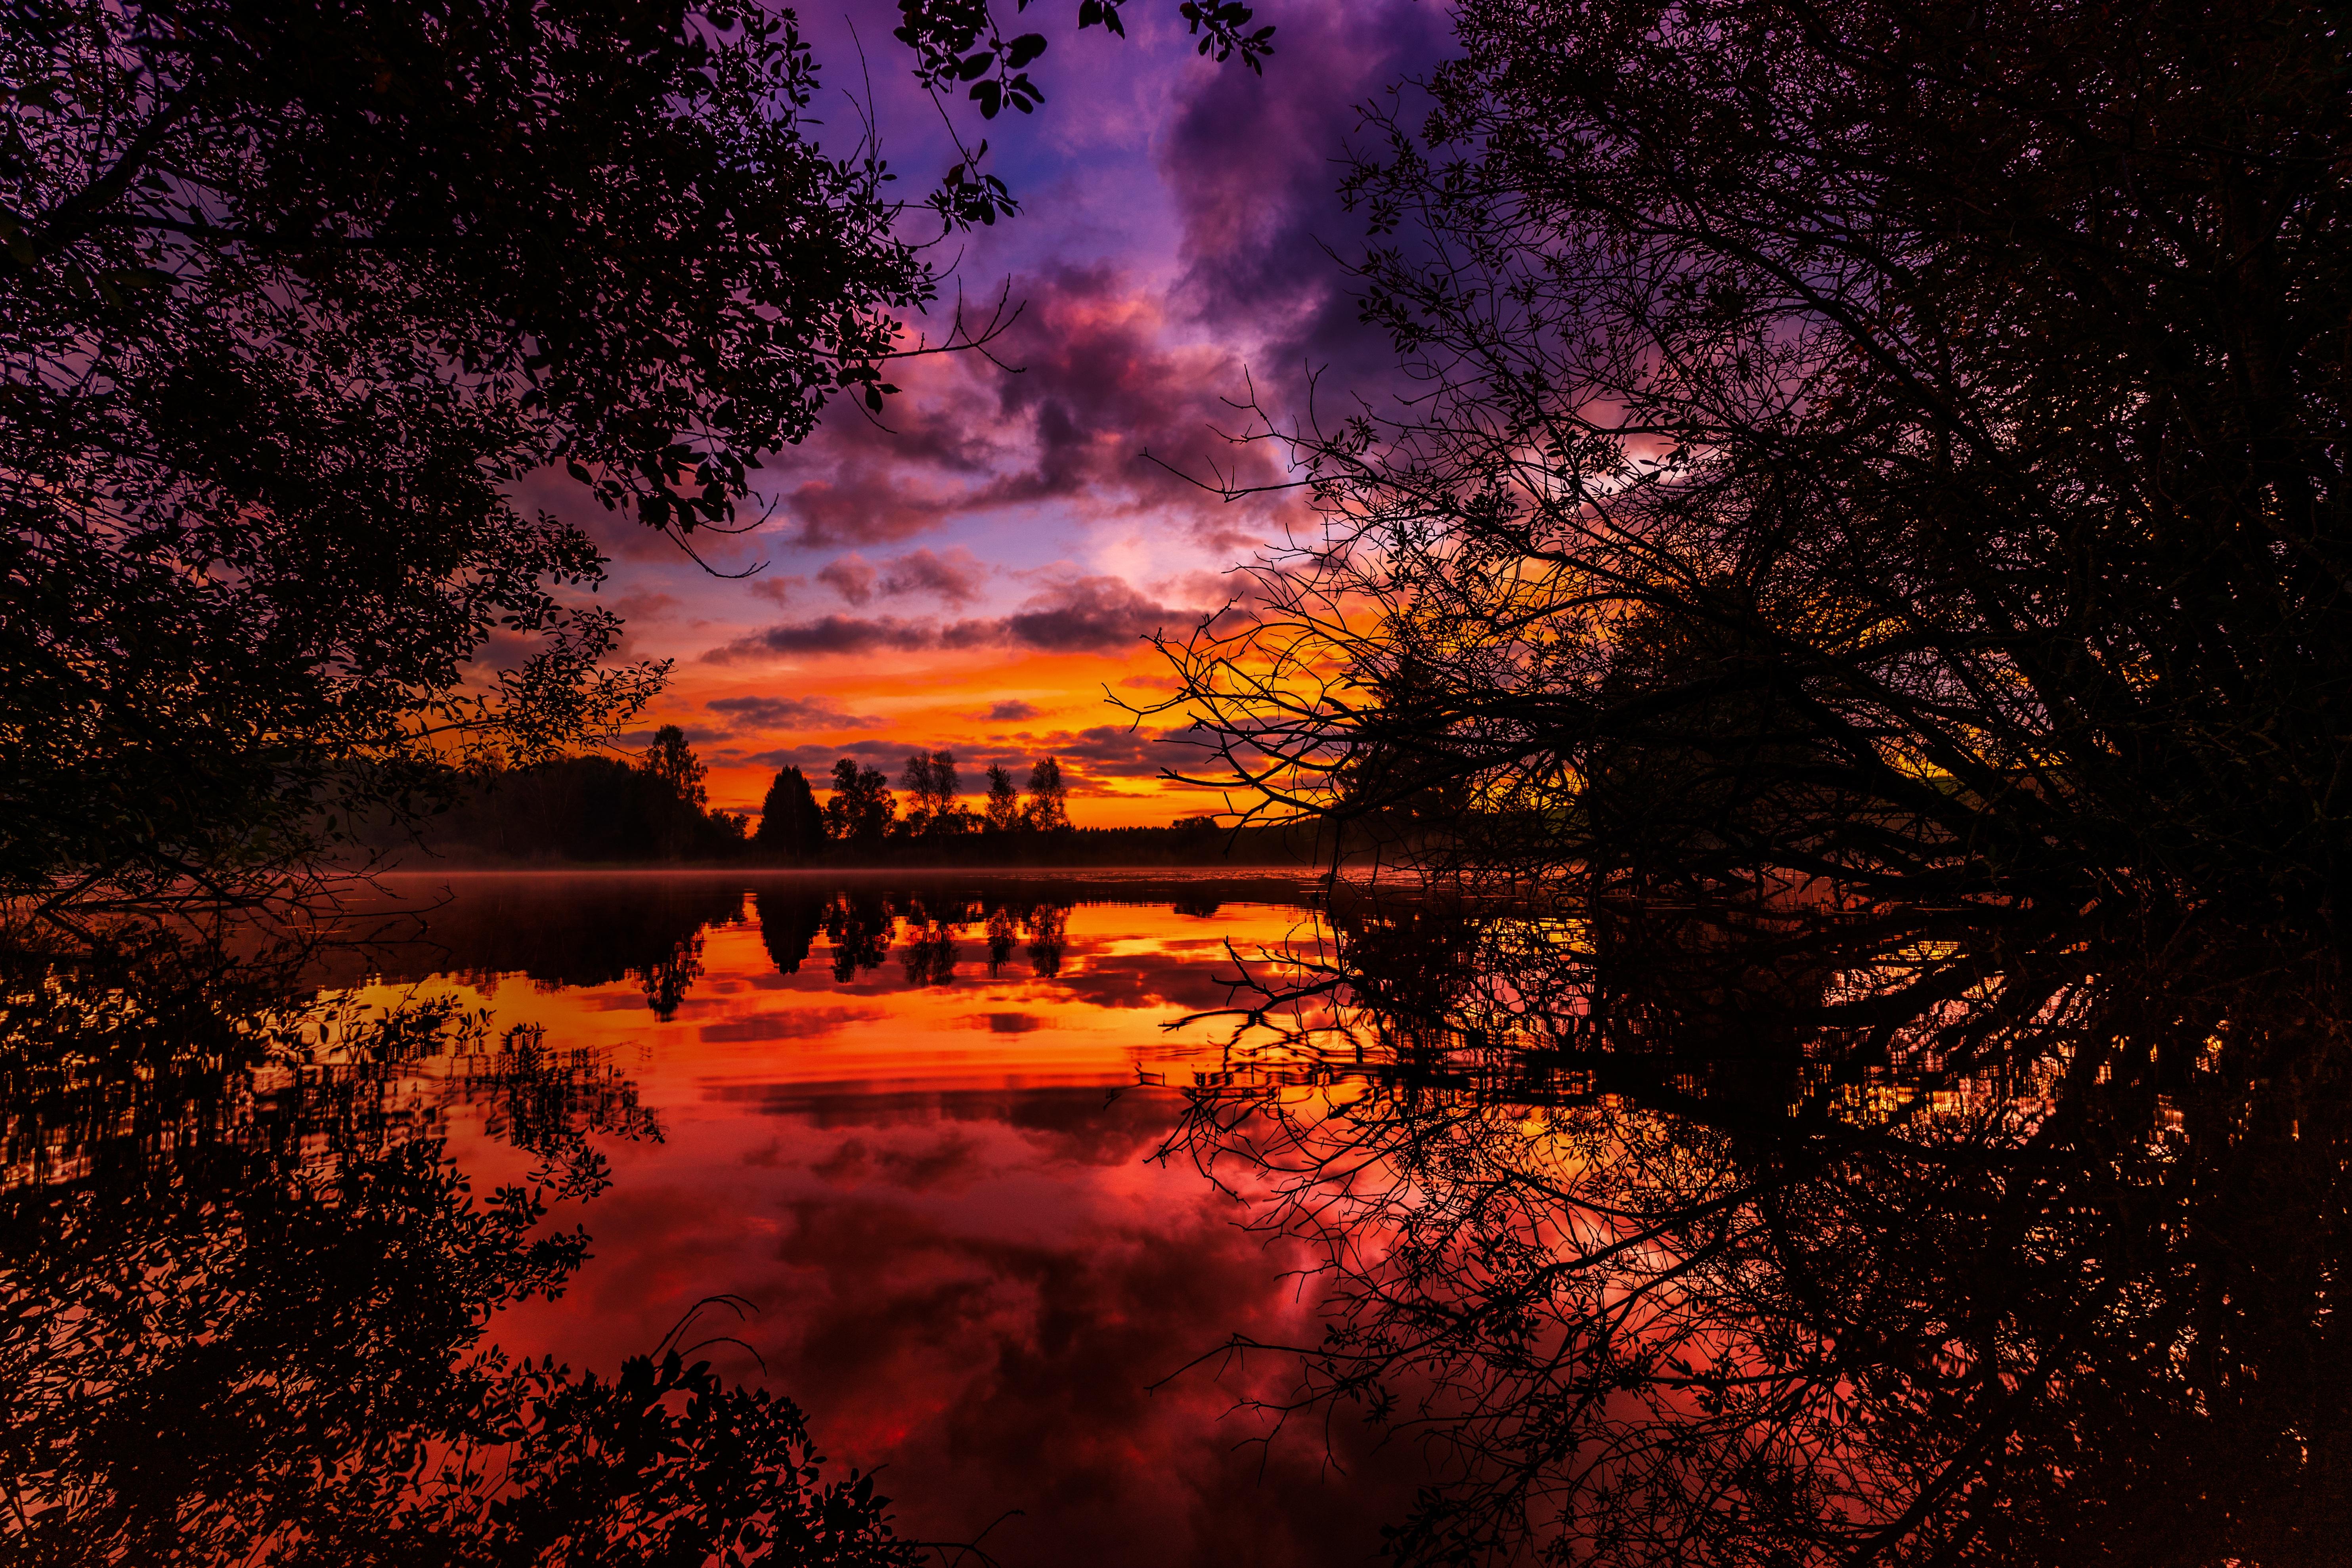 Завантажити картинку 156111: Природа, Річка, Дерева, Захід, Осінь шпалери на робочий стіл безкоштовно